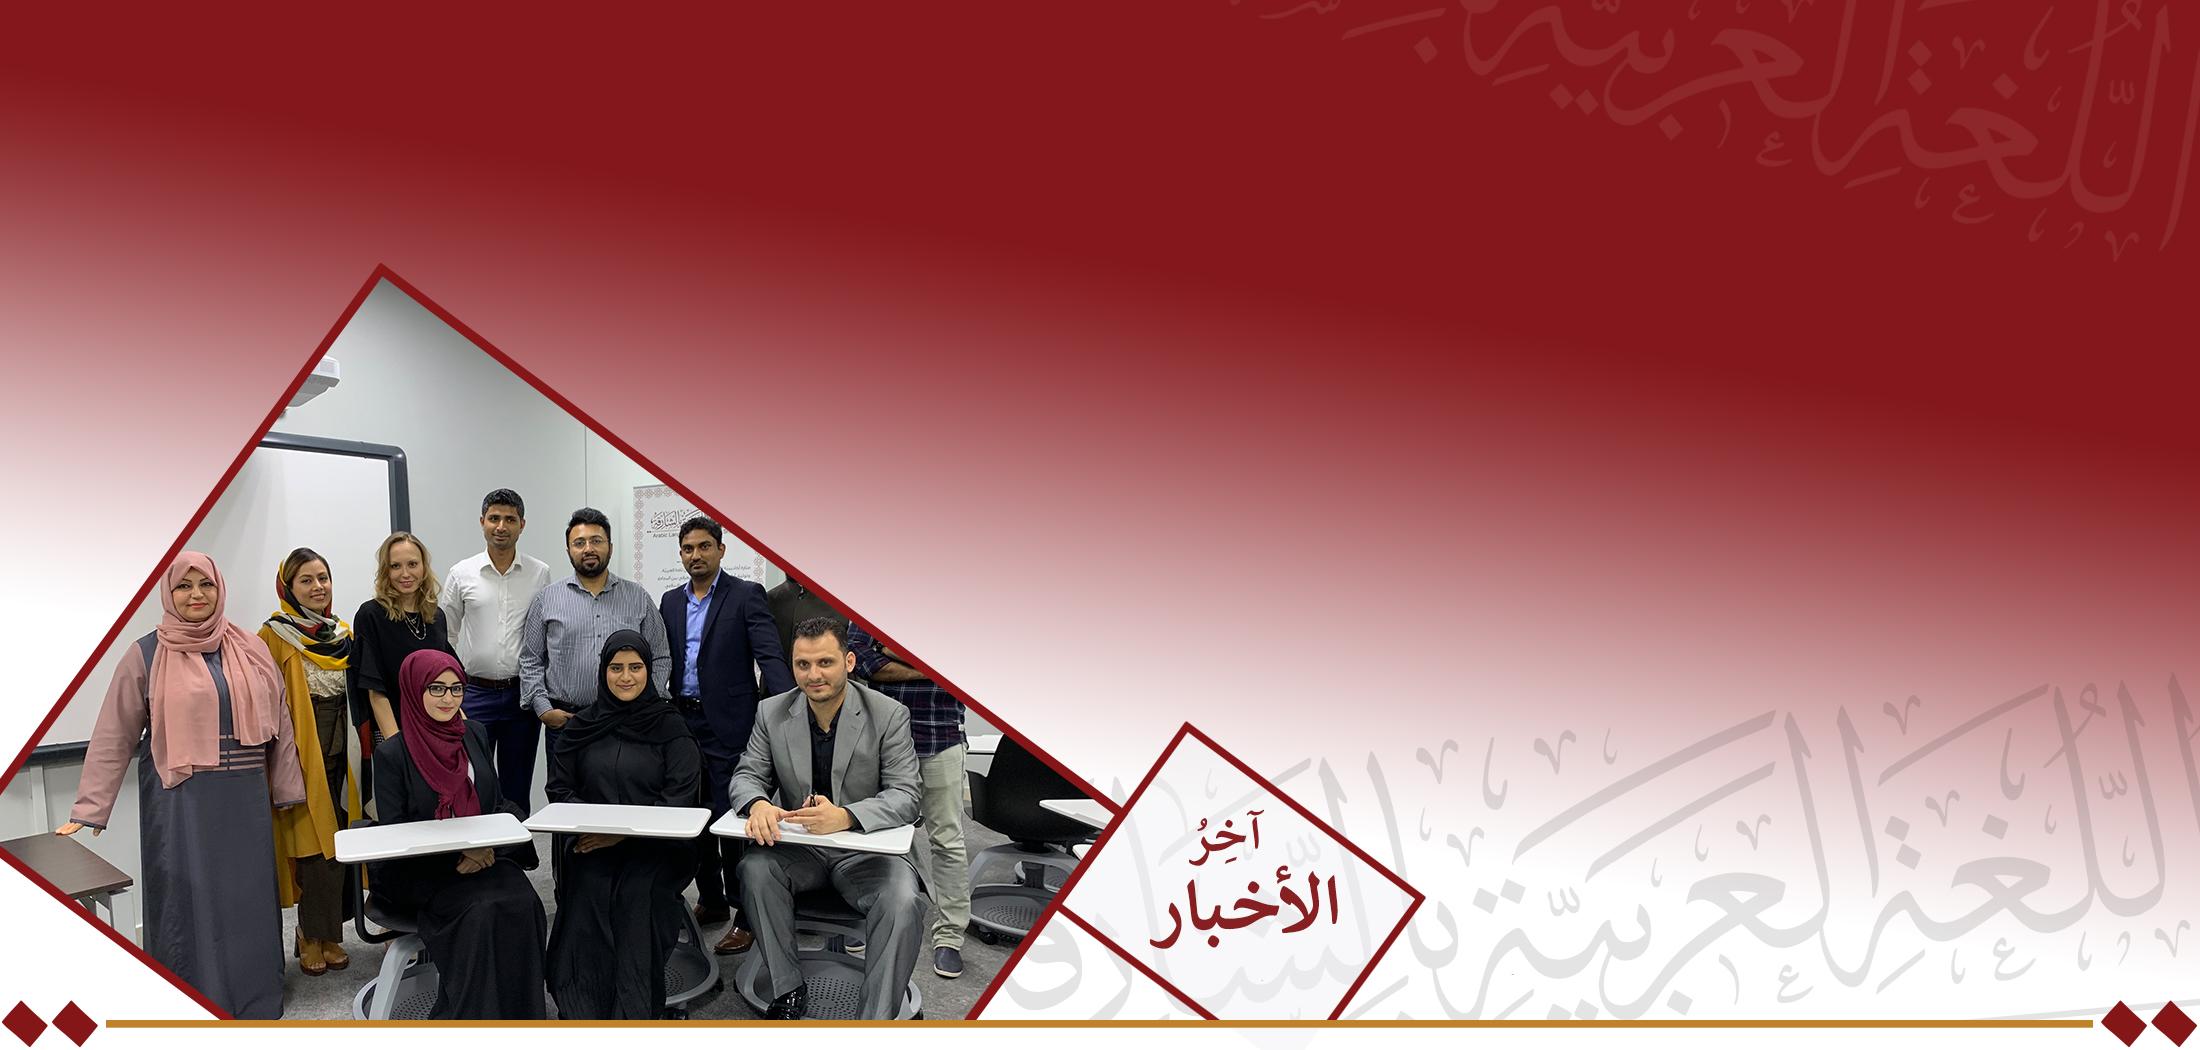 مركز اللّسان العربي يختتم دورته الأولى -أخبار